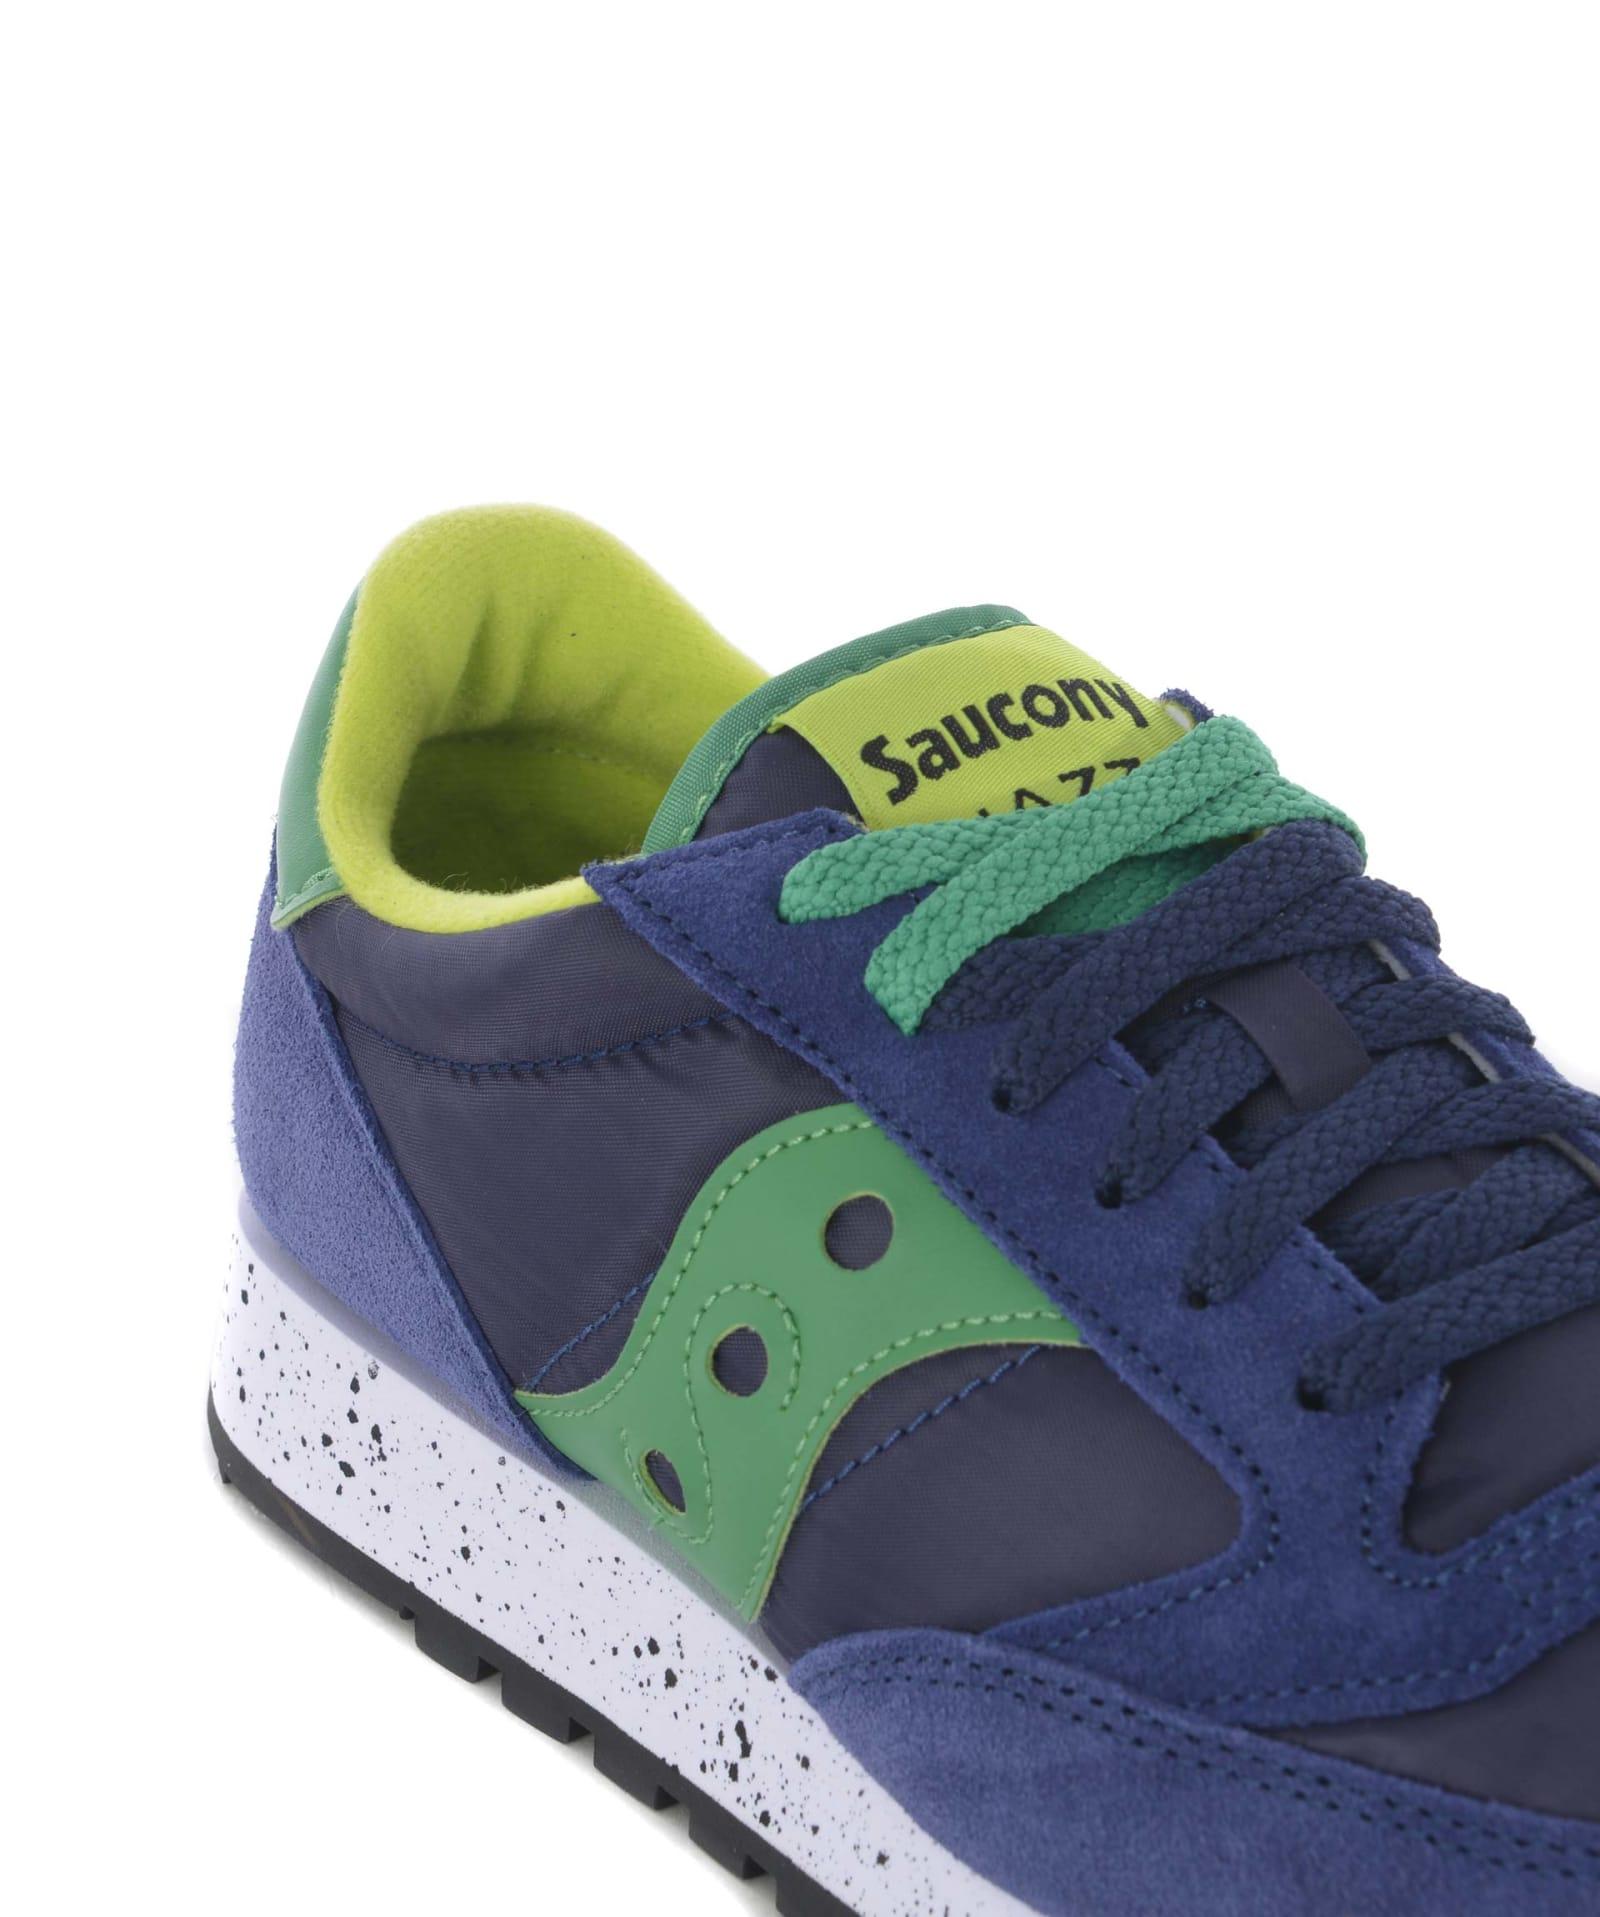 Saucony Jazz Originals Sneakers Bluverde 10760519 | italist